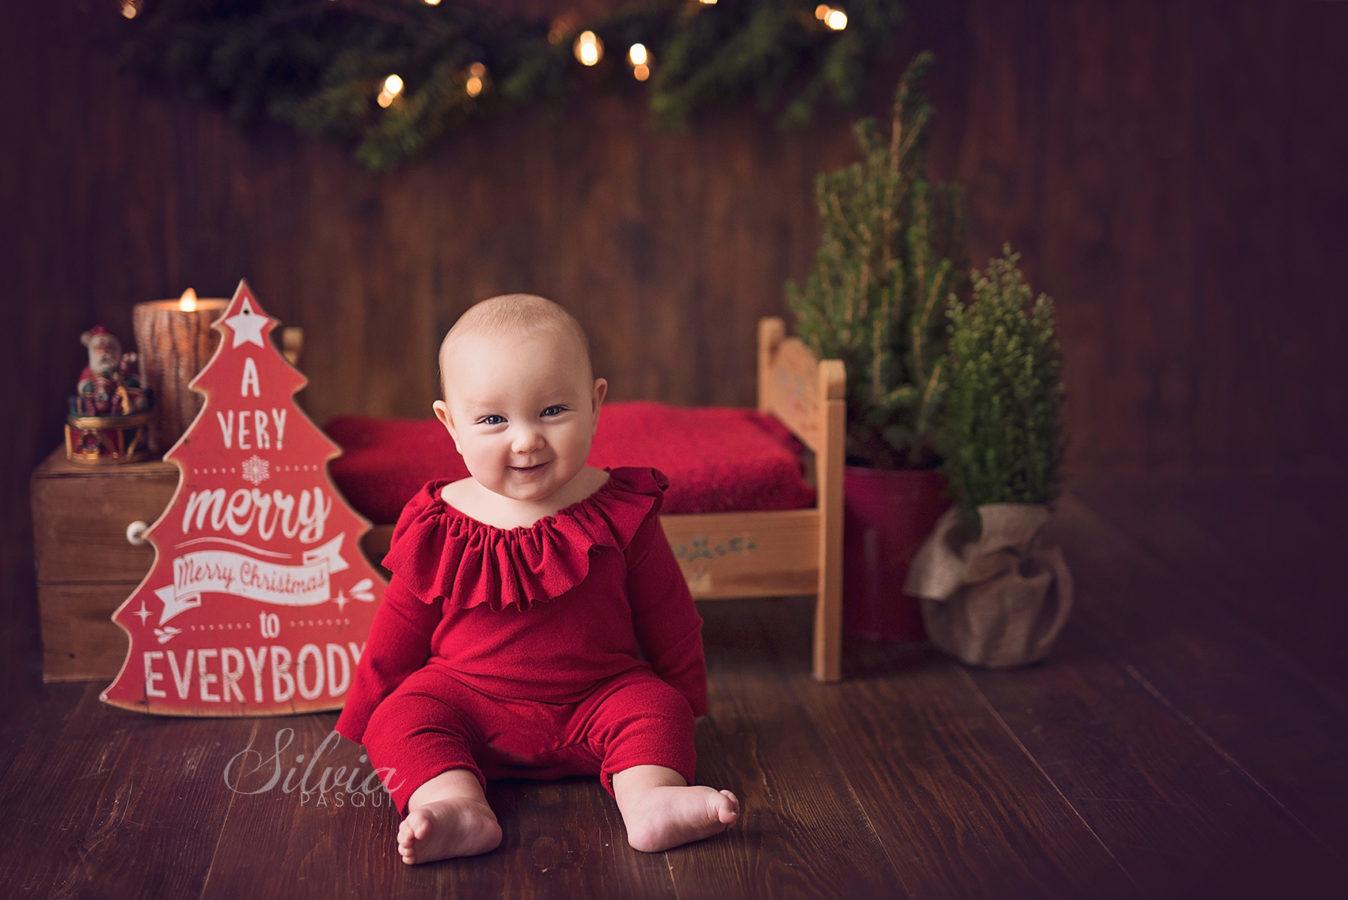 Immagini Di Bambini Natalizie.Fotografie Di Bambini Natalizie Il Primo Natale Di Bianca